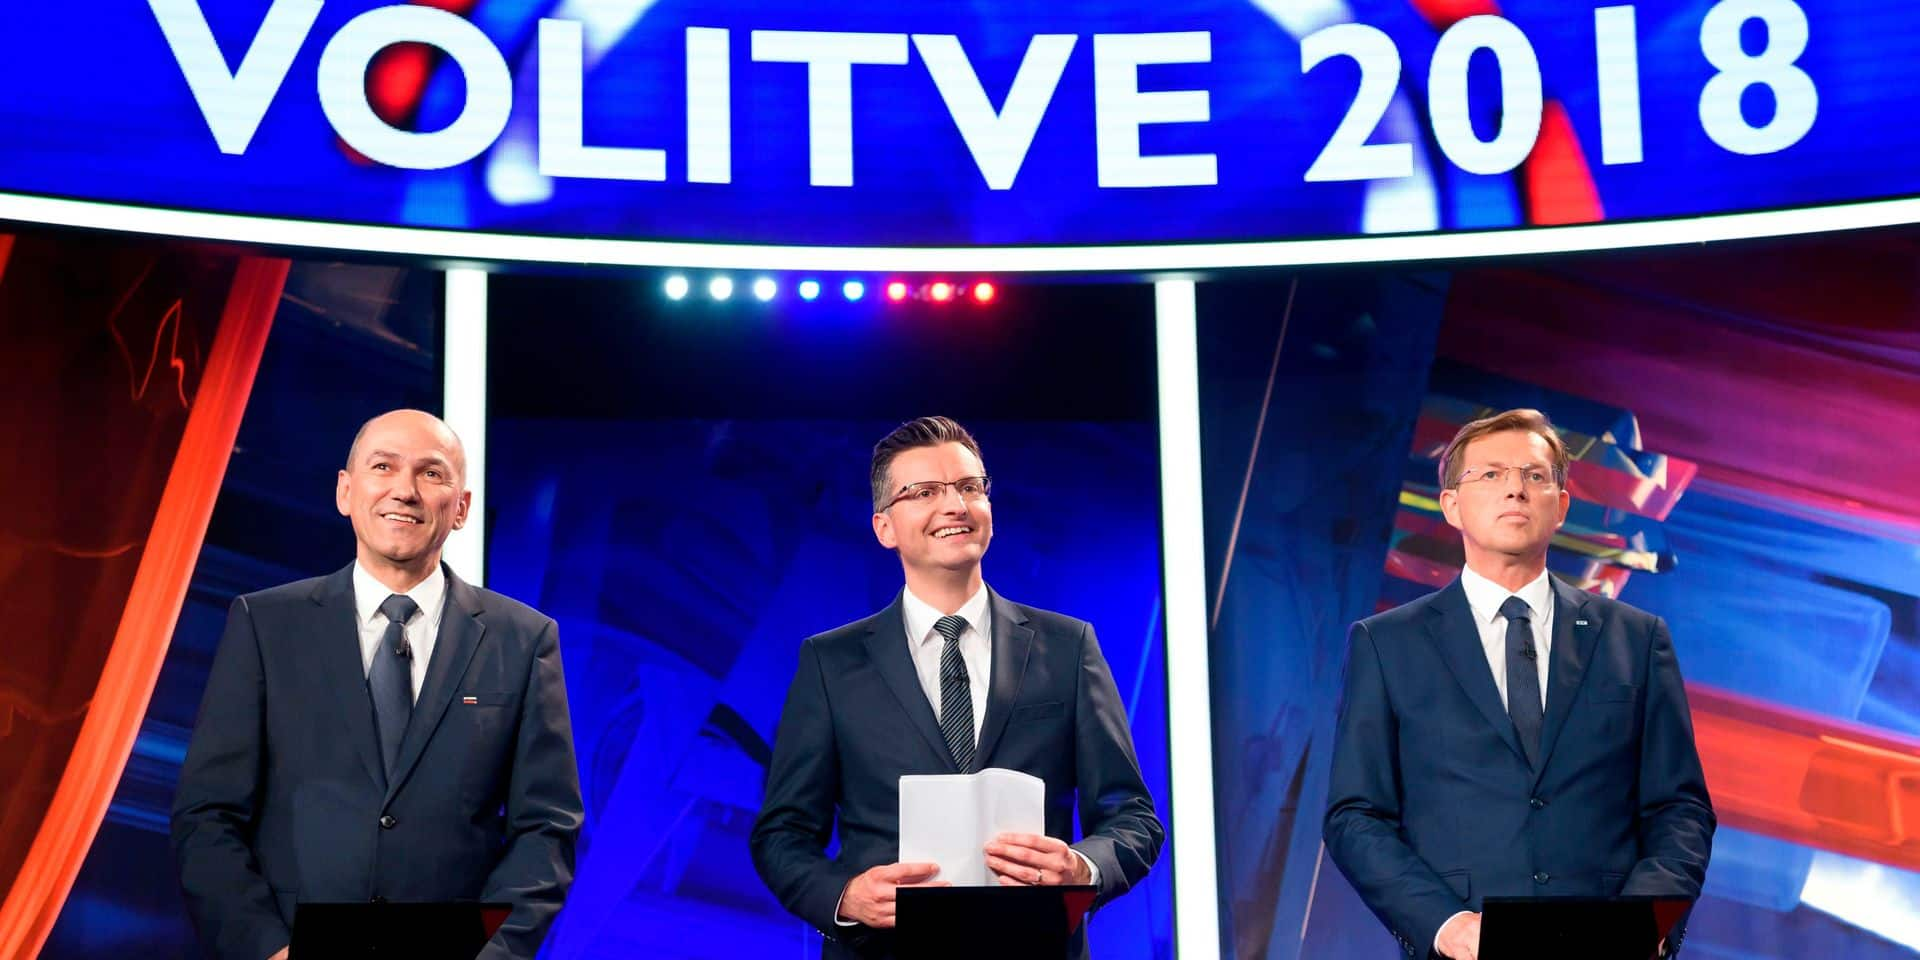 La Slovénie va-t-elle virer à droite toute ?